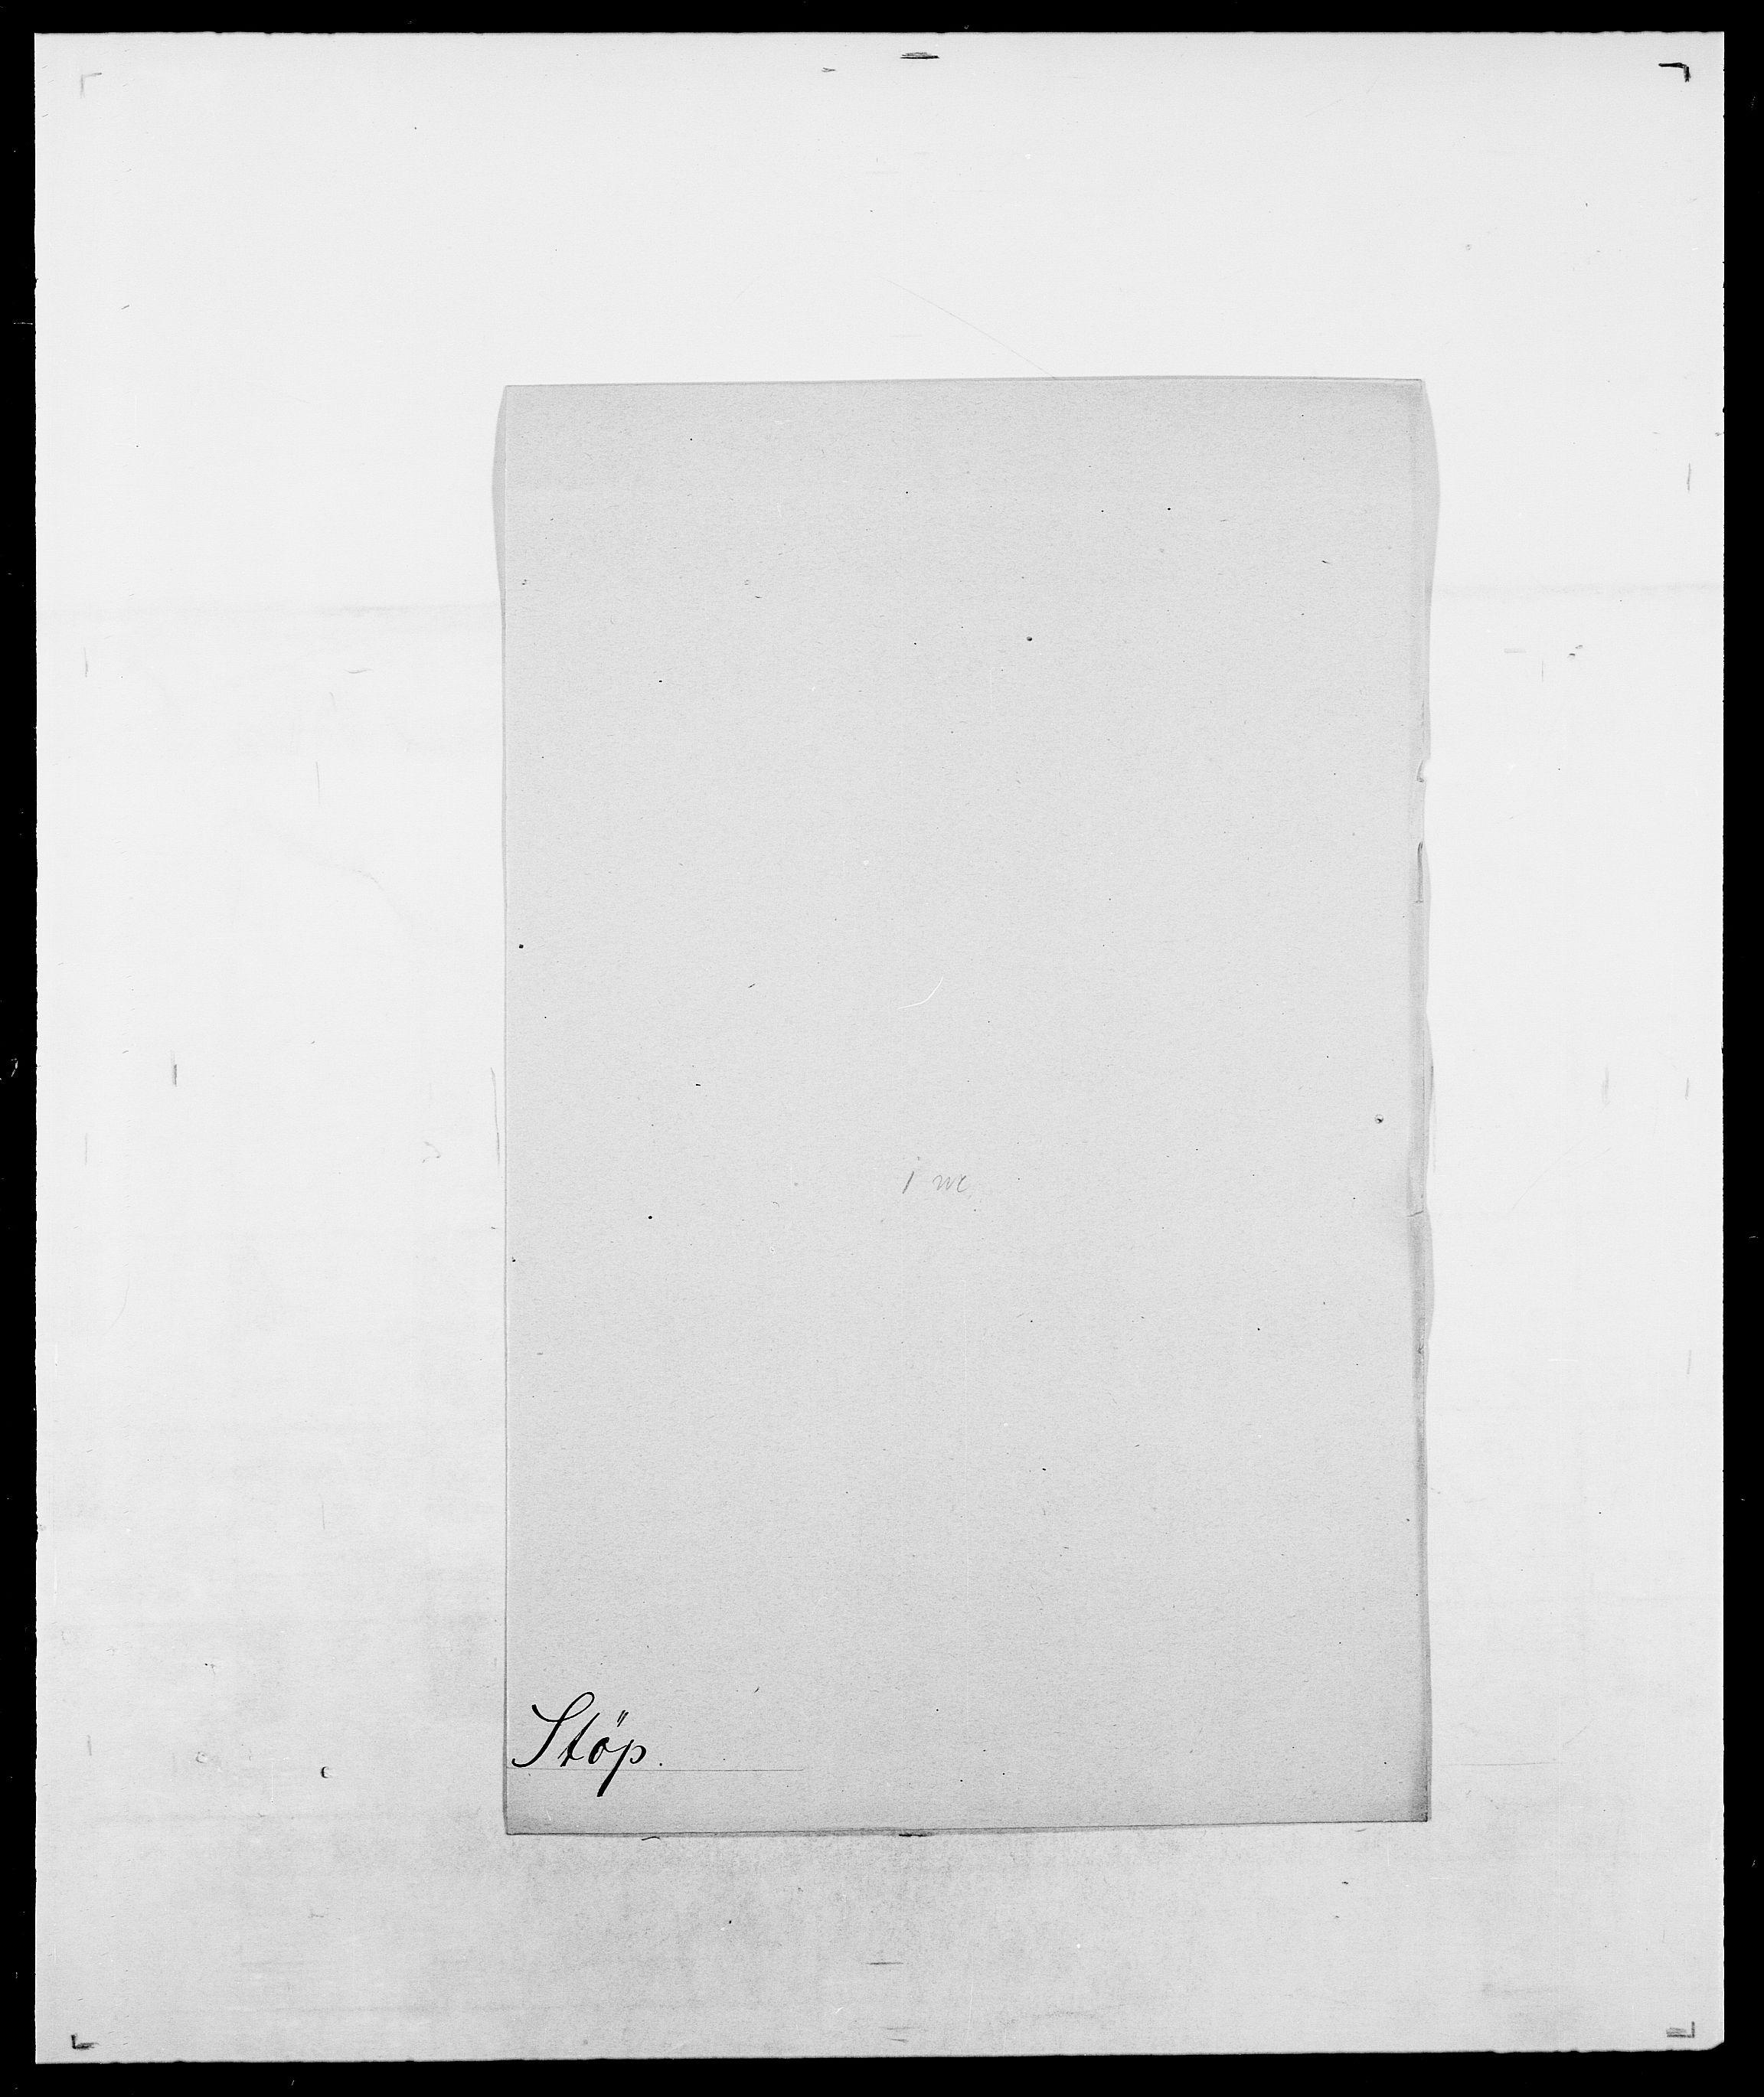 SAO, Delgobe, Charles Antoine - samling, D/Da/L0037: Steen, Sthen, Stein - Svare, Svanige, Svanne, se også Svanning og Schwane, s. 838